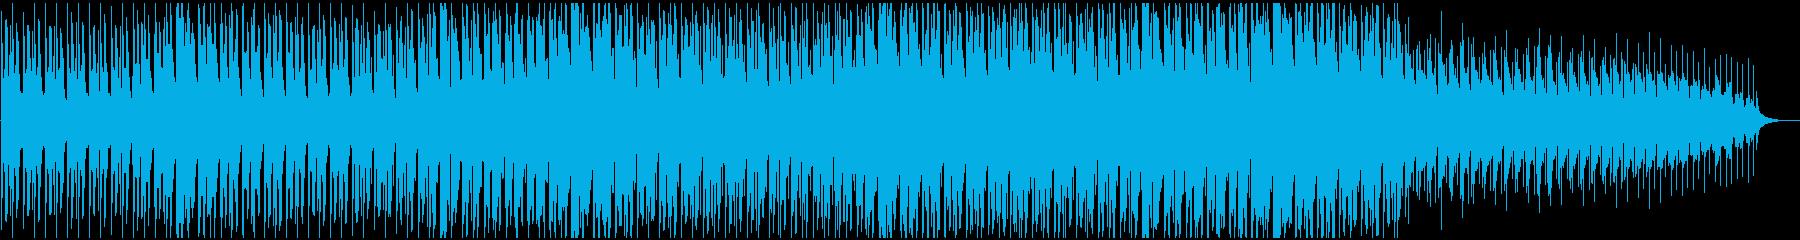 ニュース背後で流れるようなミニマルBGMの再生済みの波形